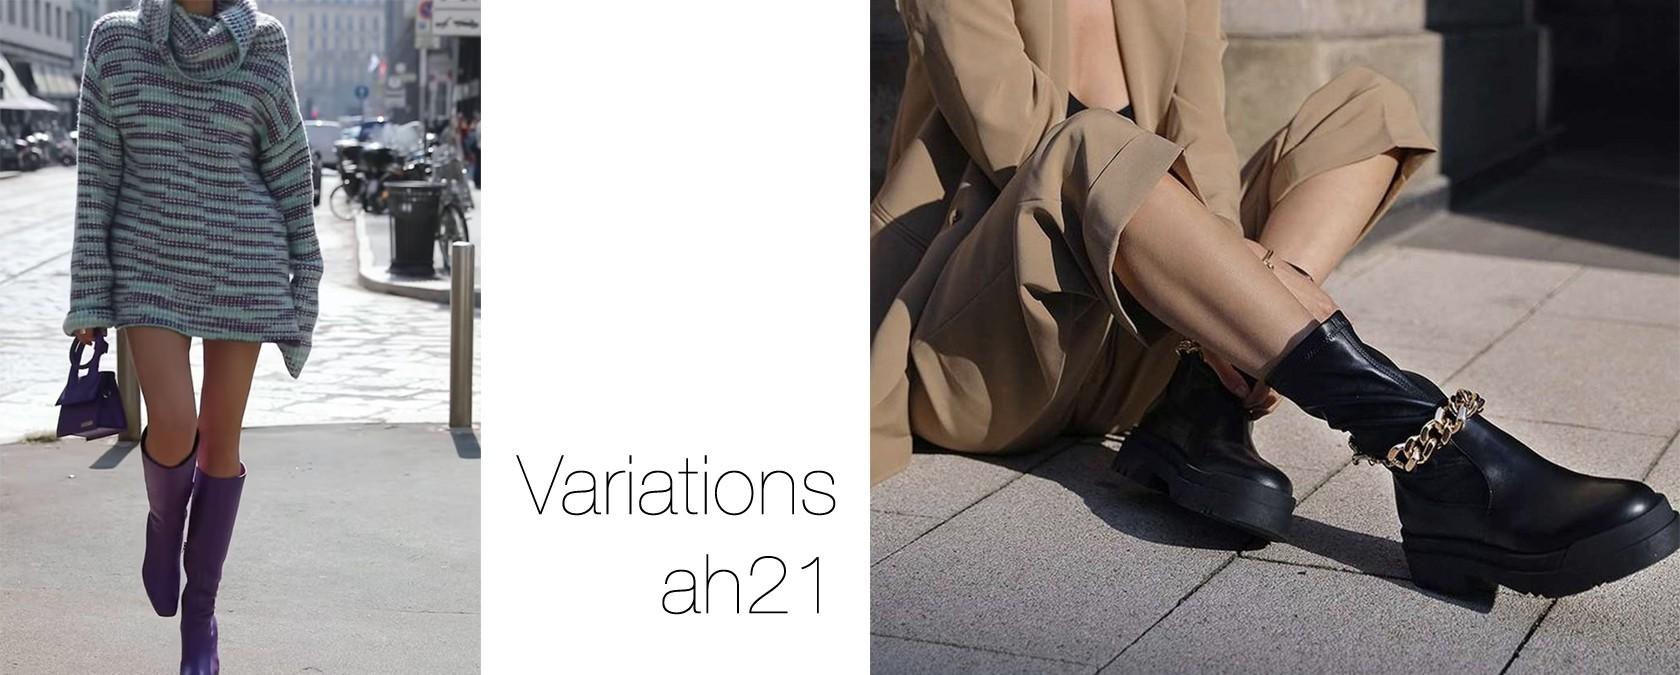 Variation ah21